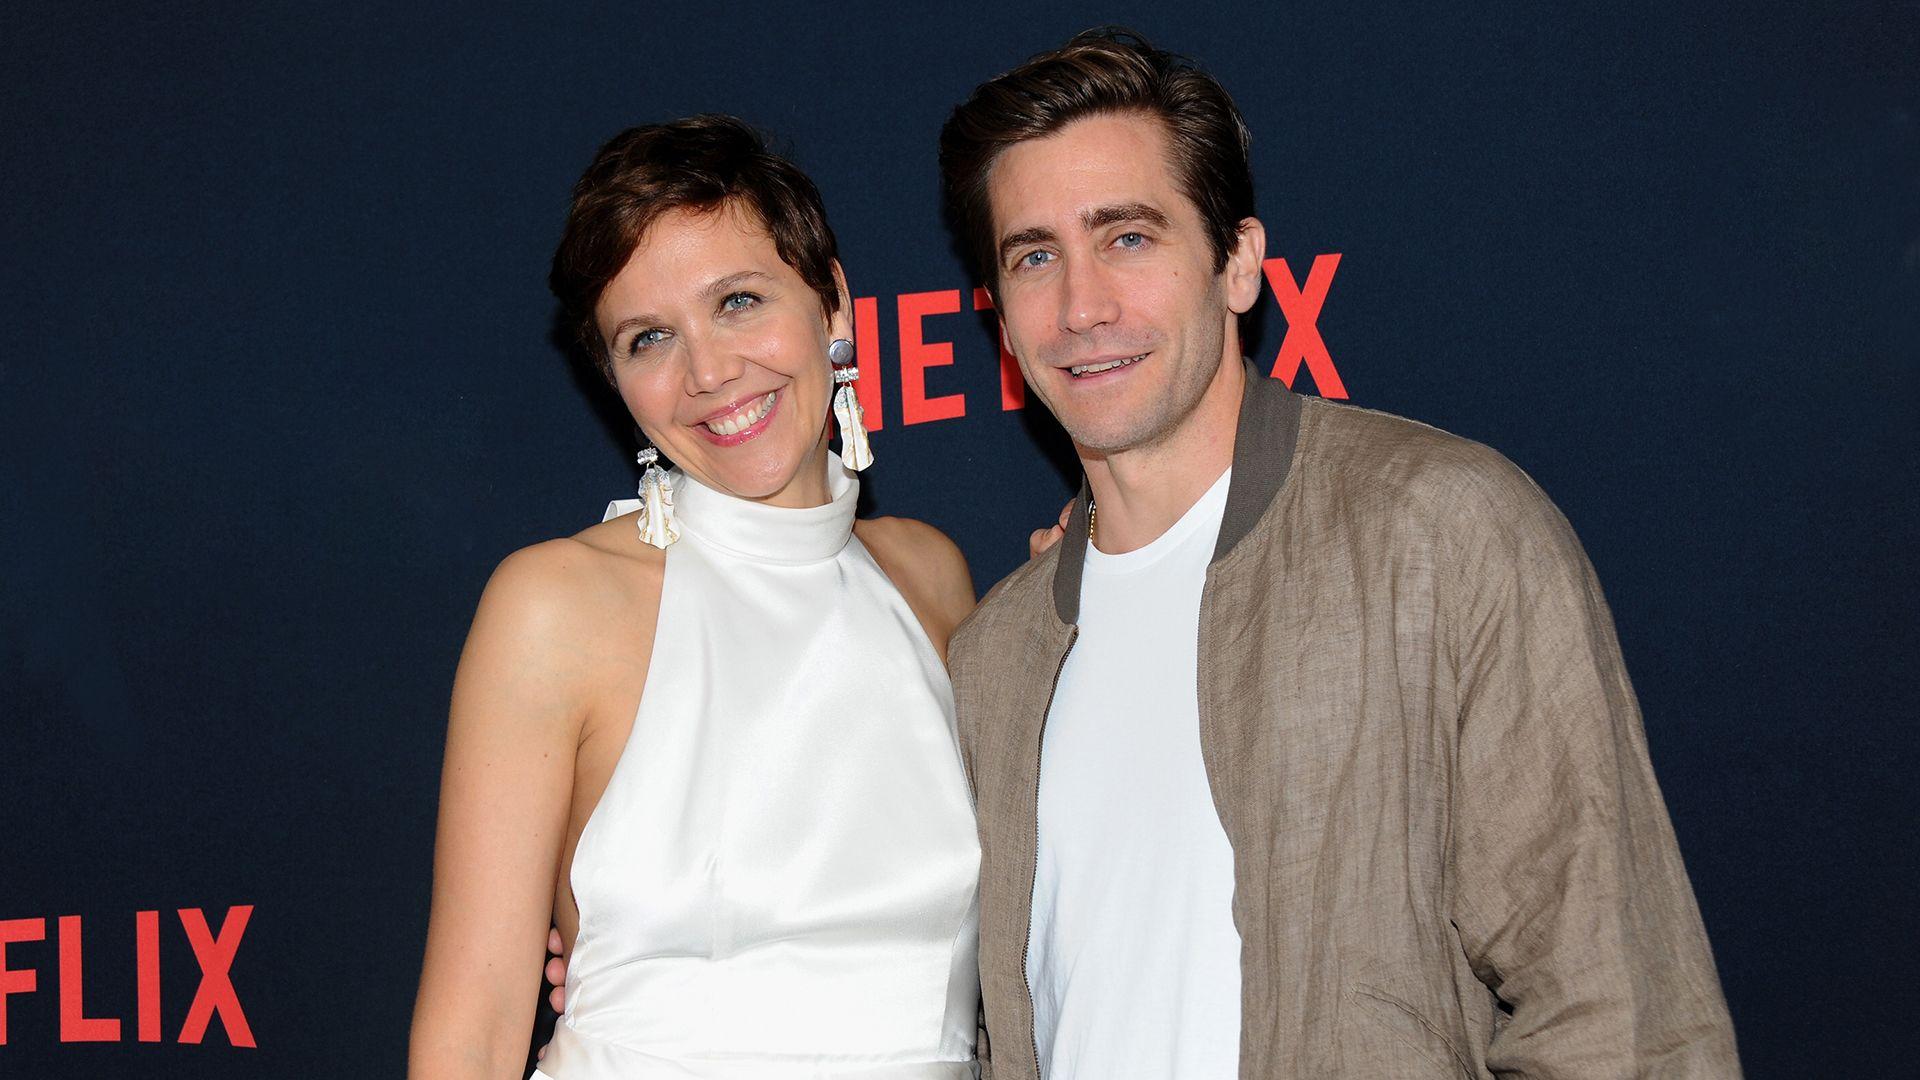 Maggie es Jake Gyllenhaal slide